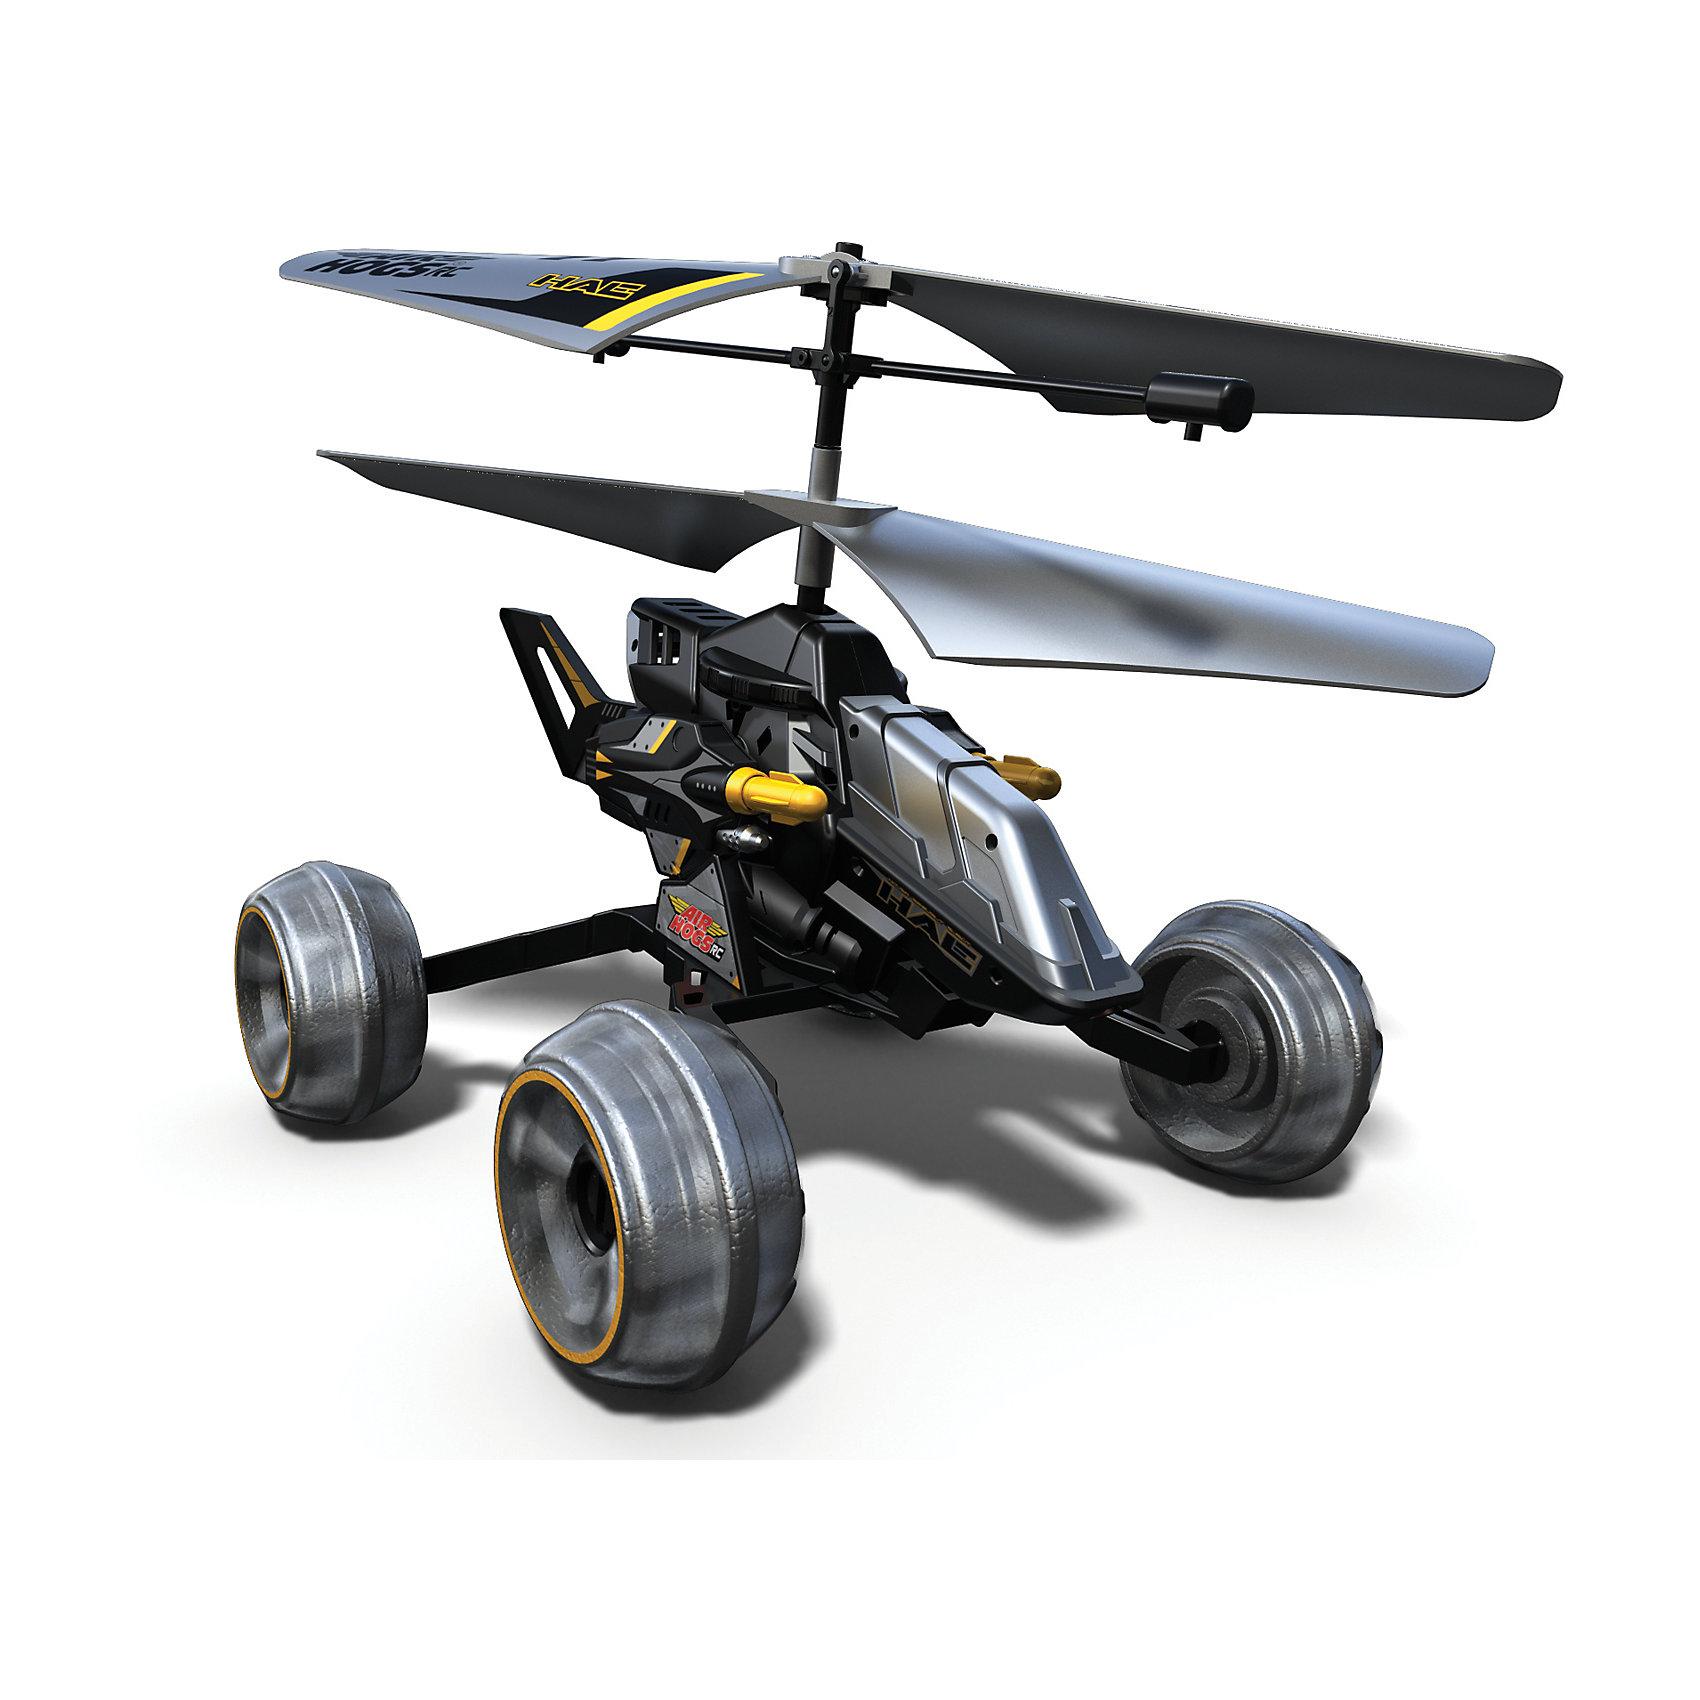 Машина - вертолет AIR HOGS, 44404/ЧерныйМашина - вертолет AIR HOGS на инфракрасном управлении - игрушка, которая обязательно понравится Вашему ребенку!  Машина-вертолет - один из достойнейших представителей игрушек линейки Air Hogs.  Главное отличие этой модели от прочих – ее универсальность. Эта игрушка - гибрид вертолета и машины!  За счет вращения винтов машина-вертолет может двигаться либо по земле (вперед, влево, вправо), либо летать как настоящий вертолет! При нажатии кнопки на пульте машина-вертолет стреляет ракетами, находясь на земле или в воздухе. Игрушка снабжена микроконтроллером для достижения максимальной точности полета, что позволяет использовать ее не только на открытом воздухе, но и в помещении.  Время зарядки аккумулятора данной модели составляет около тридцати минут, время работы в полетном режиме – примерно пять минут.  Дополнительная информация:  - В комплект входит:  игрушка на и/к управлении. - Питание (Батарейки): ААх6 шт. (не входят в комплект). - Длина игрушки 17 см. - Время зарядки — ~30 минут. - Время работы в режиме полета — ~ 5 минут. Машину - вертолет AIR HOGS можно купить в нашем интернет-магазине.<br><br>Ширина мм: 305<br>Глубина мм: 254<br>Высота мм: 152<br>Вес г: 222<br>Возраст от месяцев: 36<br>Возраст до месяцев: 96<br>Пол: Мужской<br>Возраст: Детский<br>SKU: 4836017